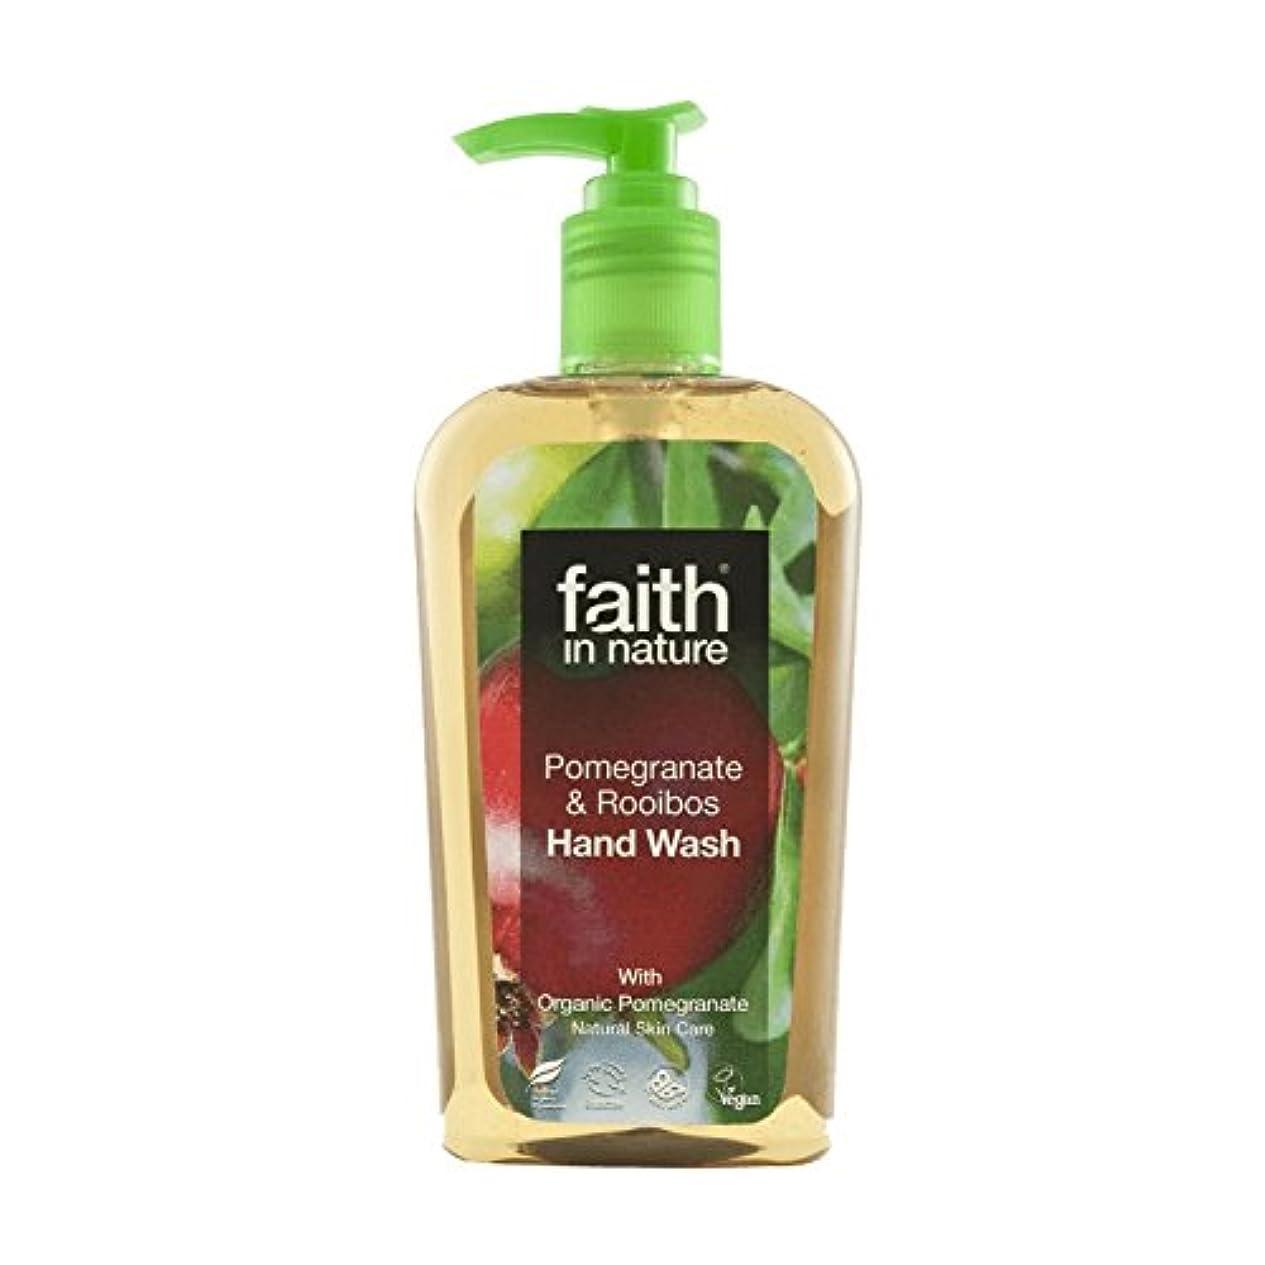 退却残りセマフォFaith In Nature Pomegranate & Rooibos Handwash 300ml (Pack of 2) - 自然ザクロ&ルイボス手洗いの300ミリリットルの信仰 (x2) [並行輸入品]